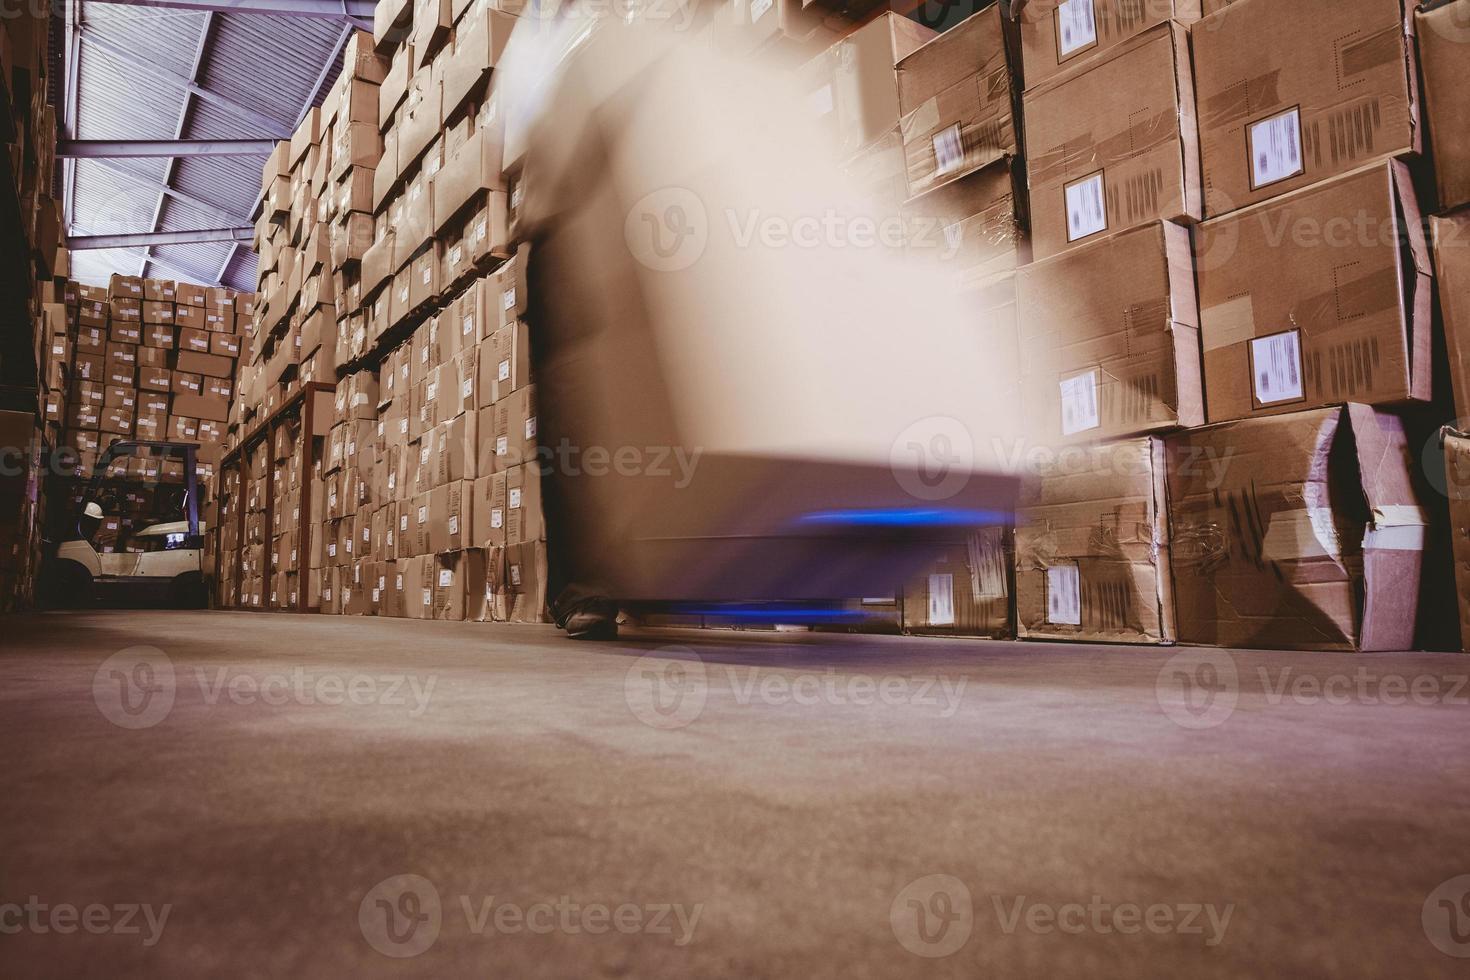 arbeider met vorkpallettruckstapelaar in pakhuis foto